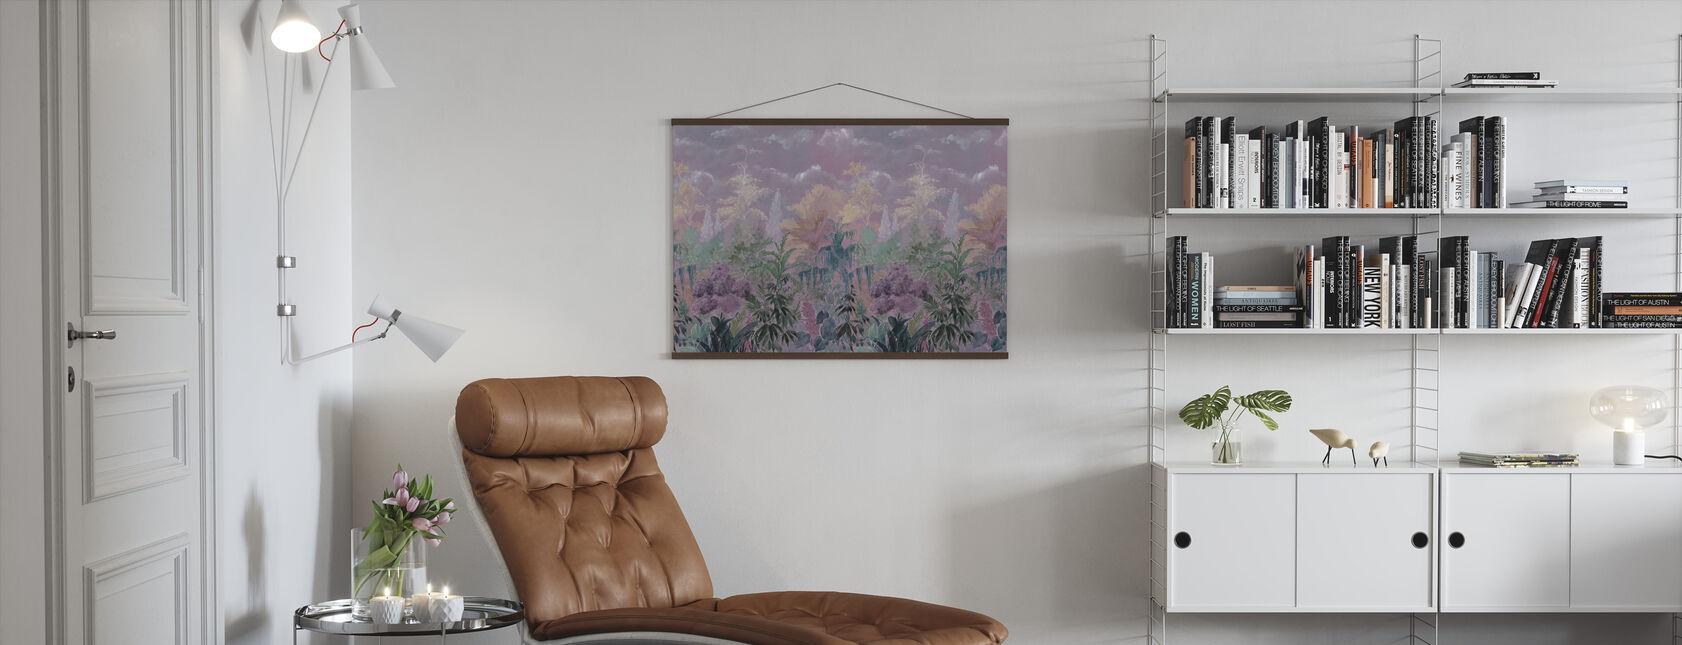 Flourishing Vegetation - Poster - Living Room